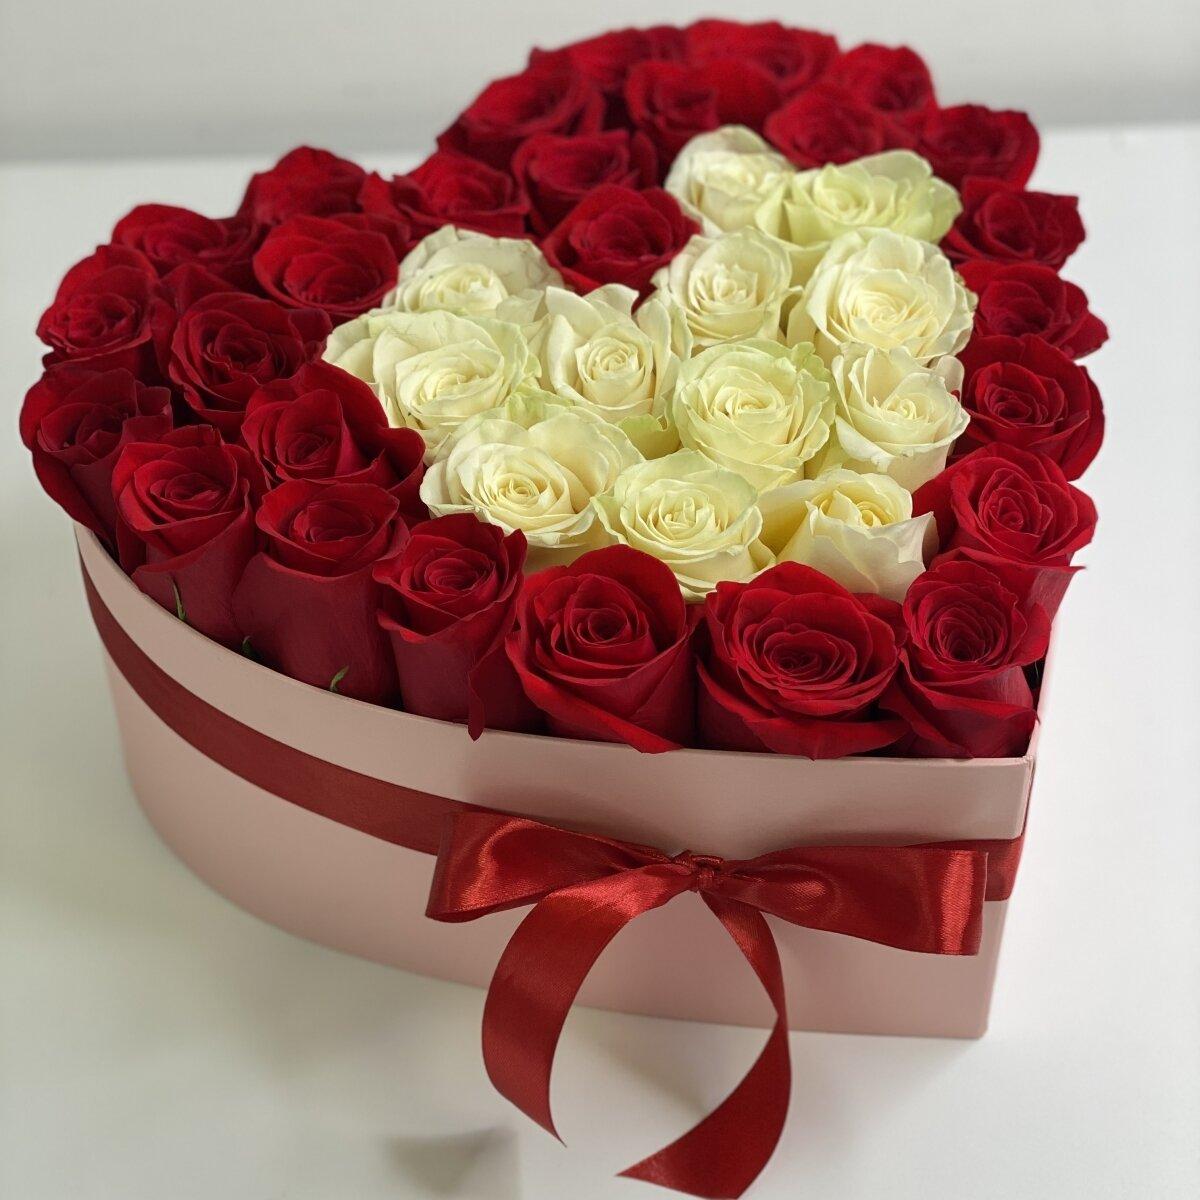 Коробка сердце Патриция из белых и красных роз Патриция